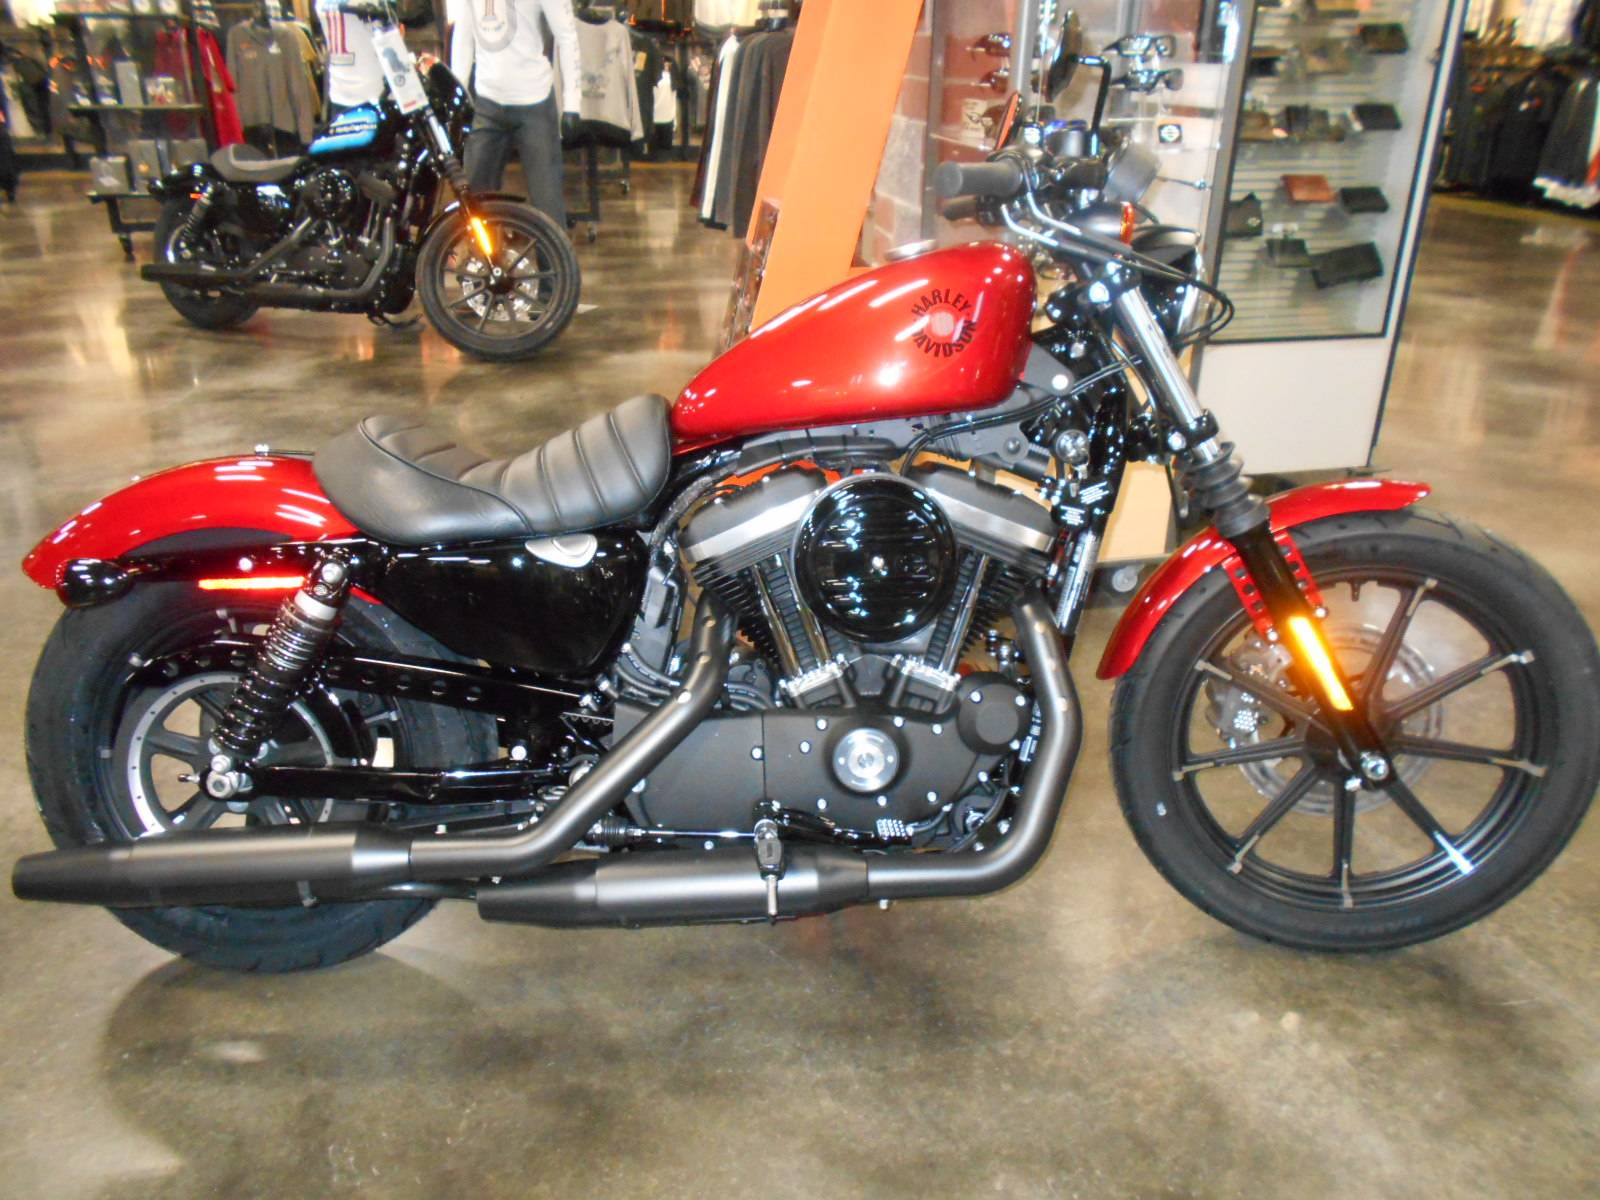 Harley Davidson 2019 Iron 883 Price, Inspirasi Terpopuler!